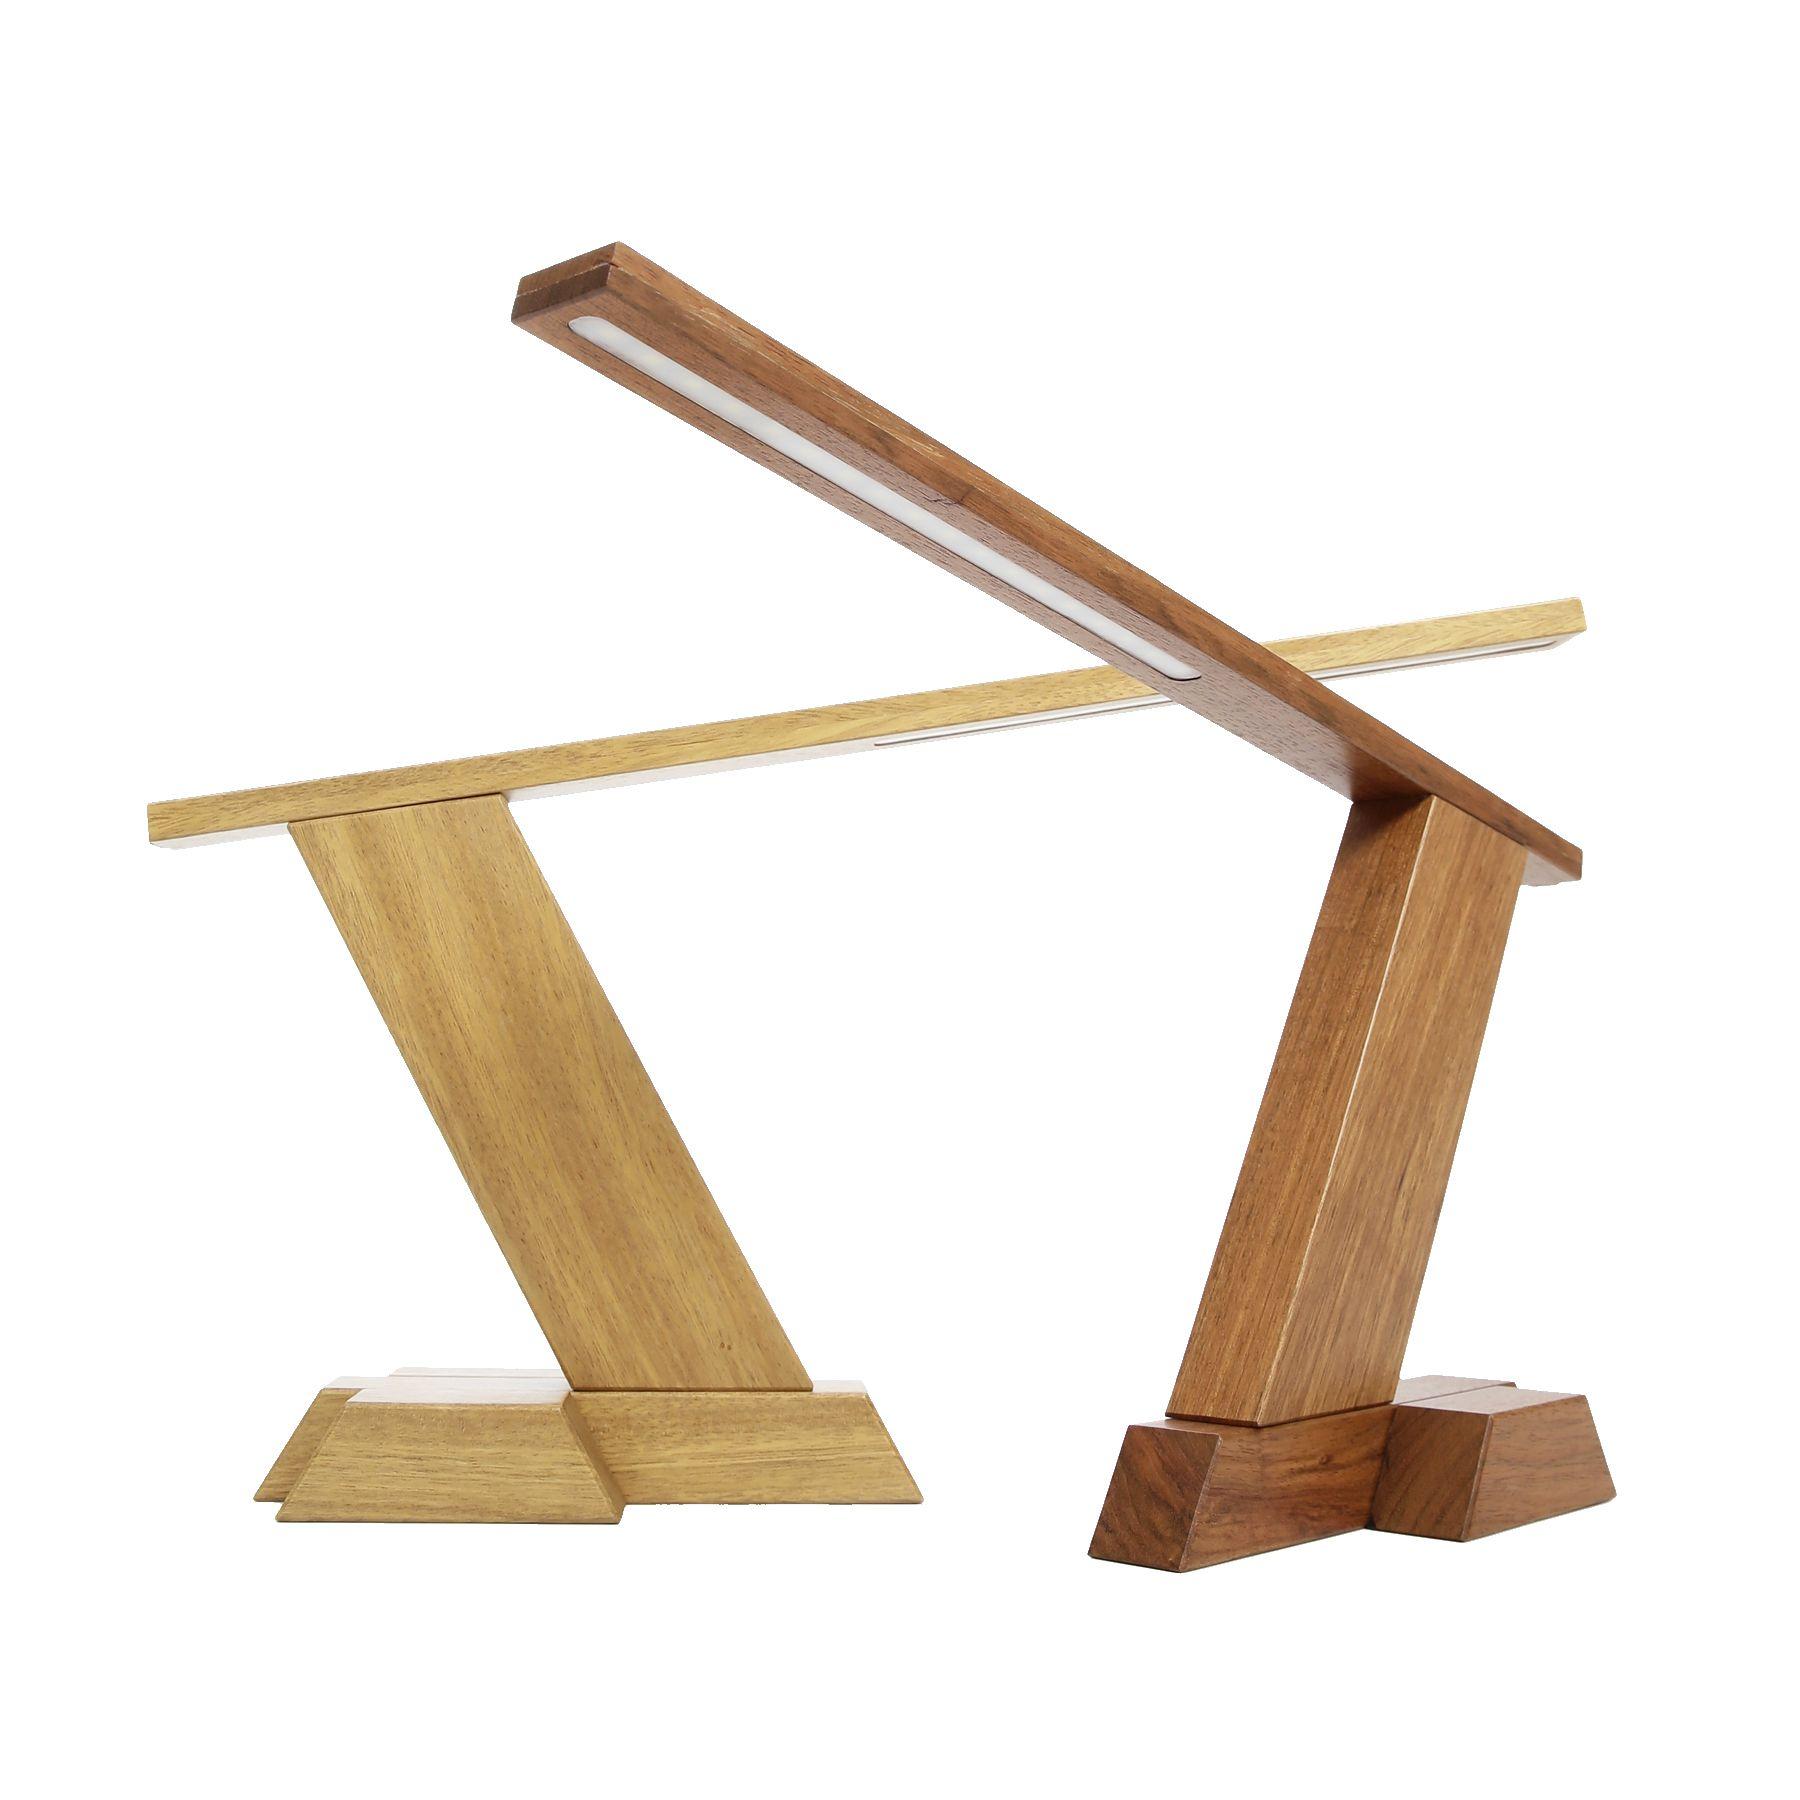 WOOleD Solid Wood DIY LED Desk Lamp Wood desk lamp, Led